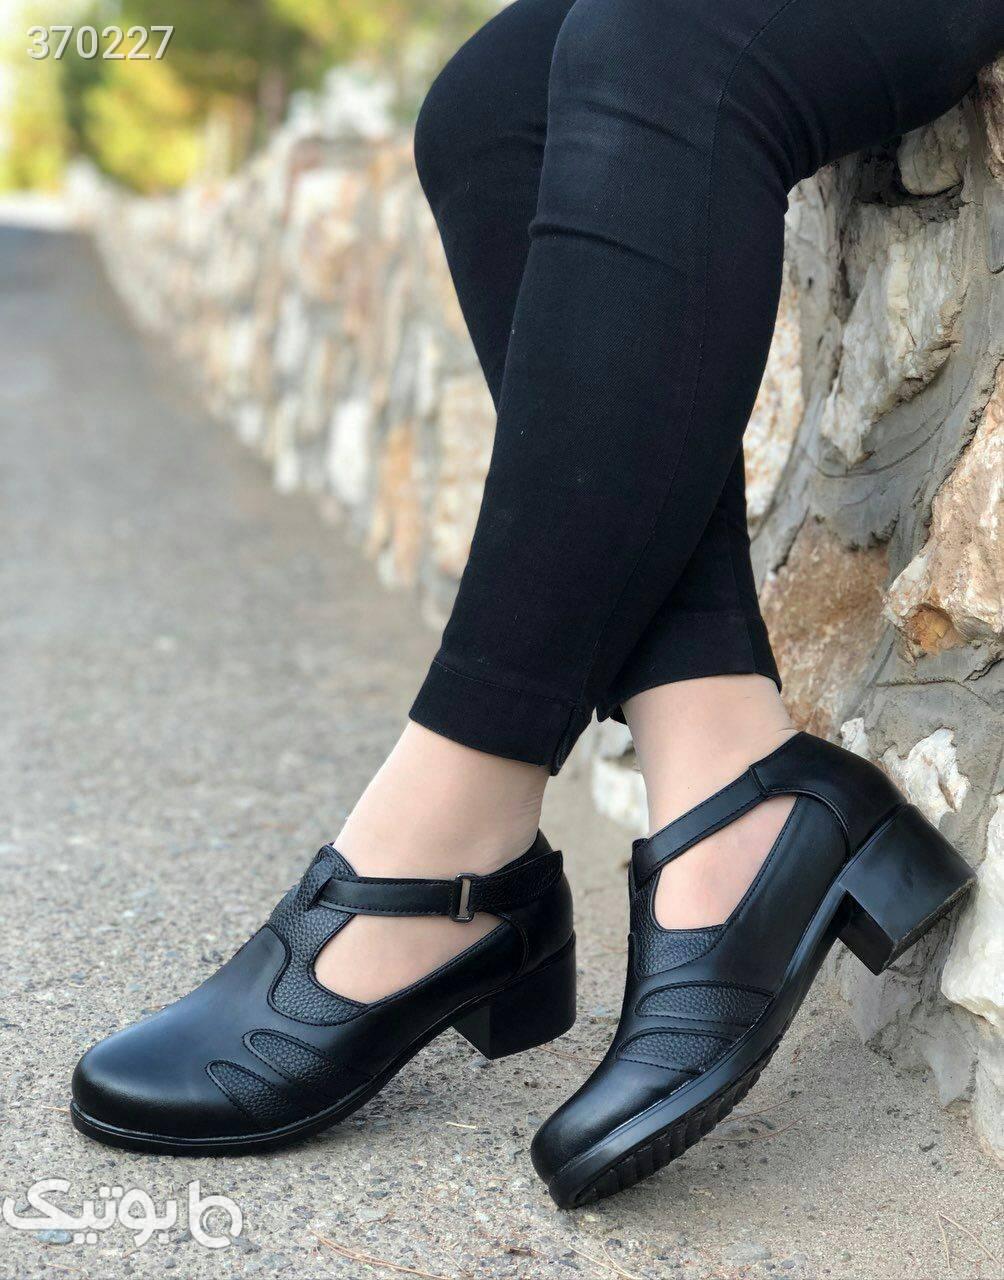 کفش طبی چرم صنعتی کیفیت فوق العاده مشکی كفش زنانه